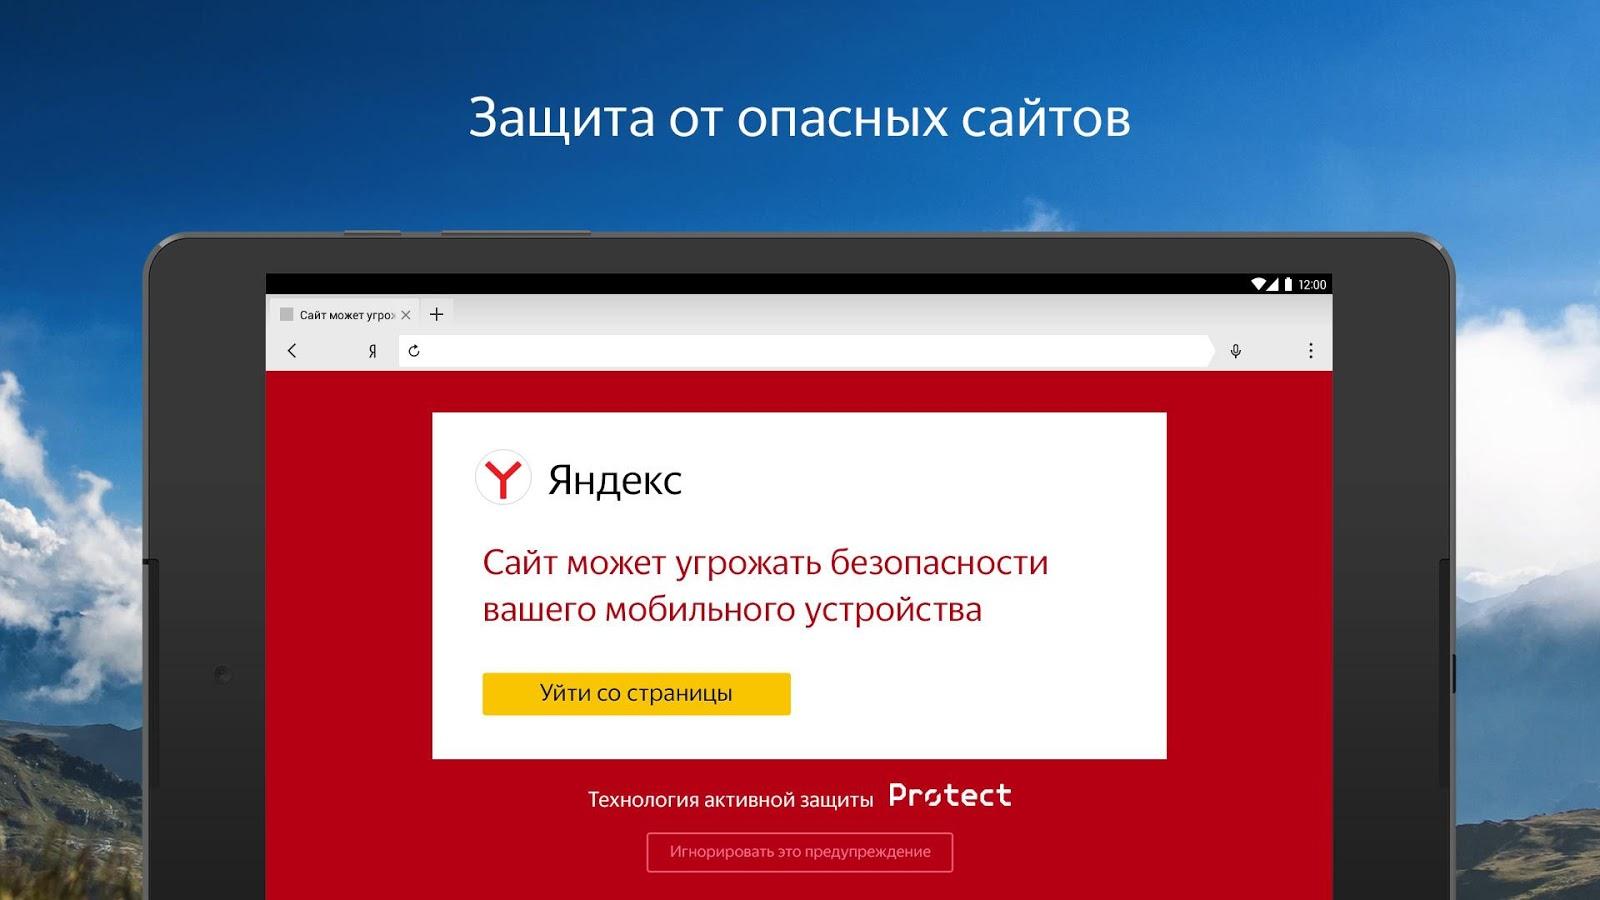 Быстрый браузер firefox для андроид скачать бесплатно.